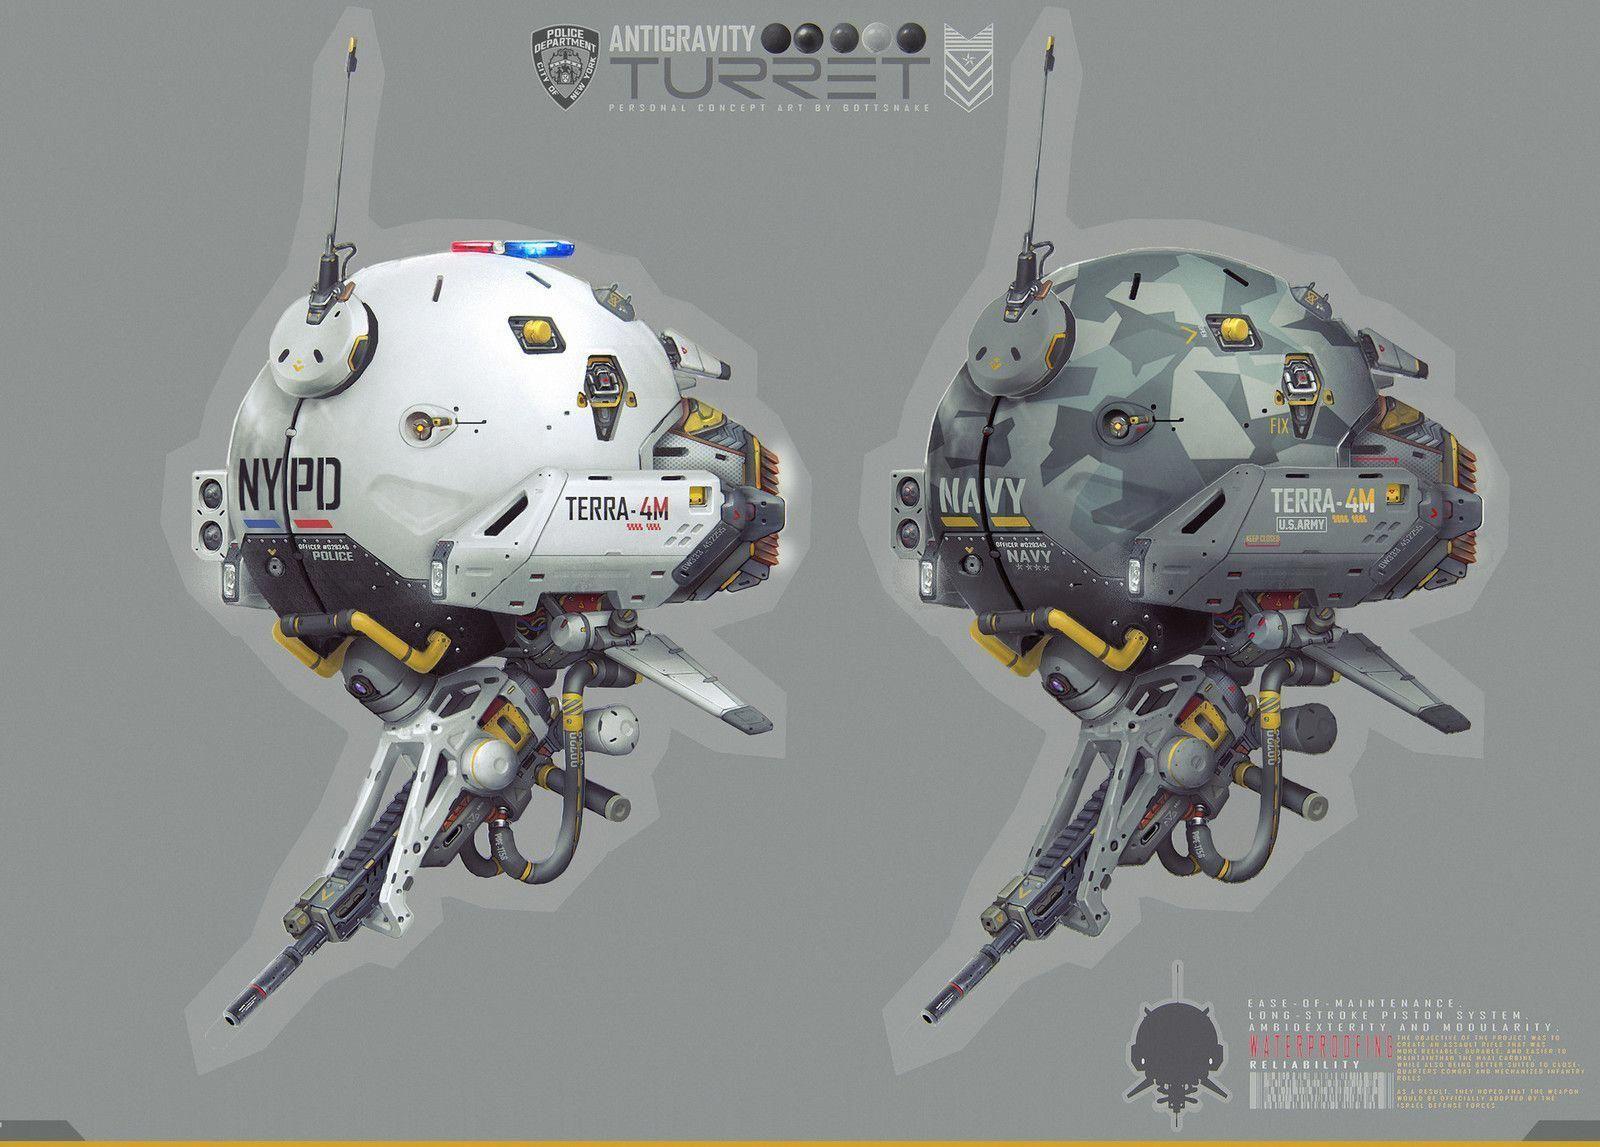 Drones Design Drones Technology Drones Concept Drones Diy Drones Camera Dronesc Drone Design Drones Concept Robots Concept